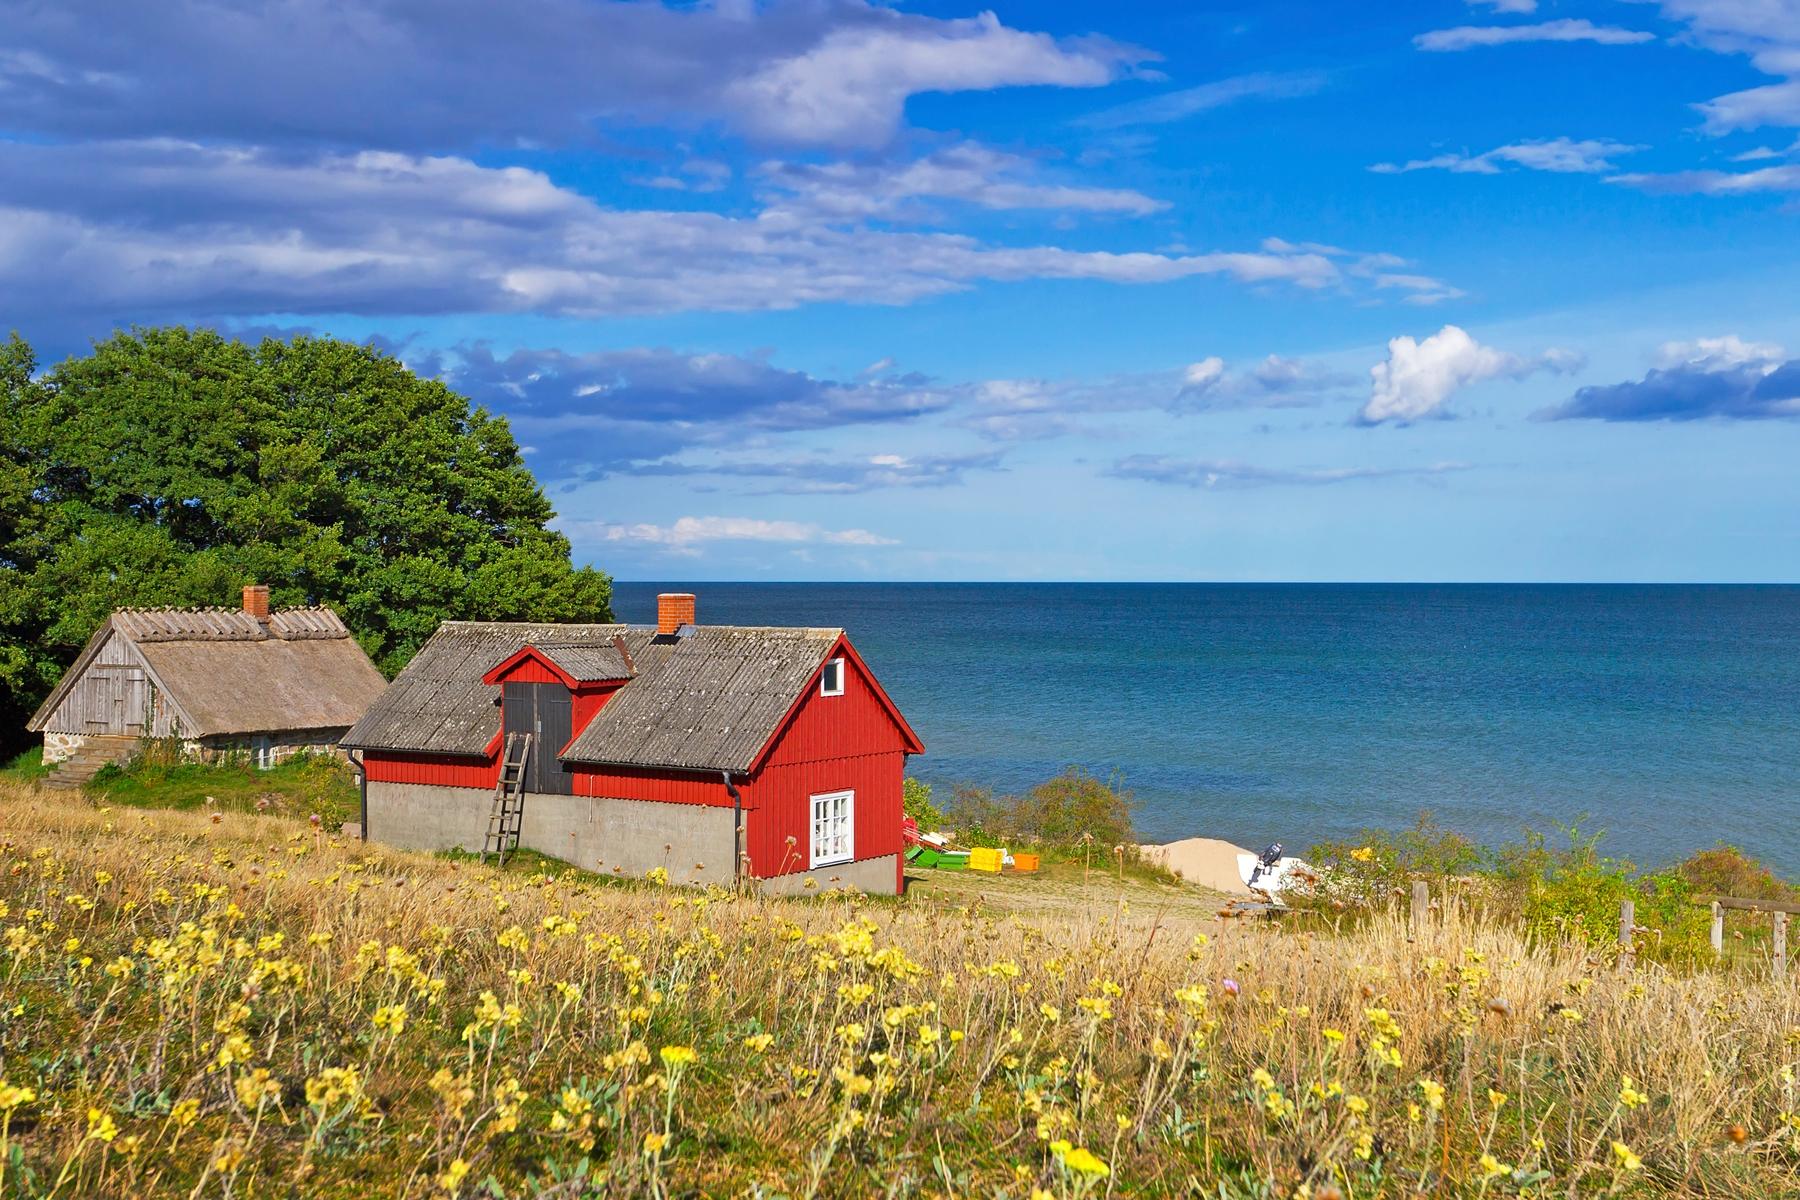 Midzomernacht Zweden vakantie